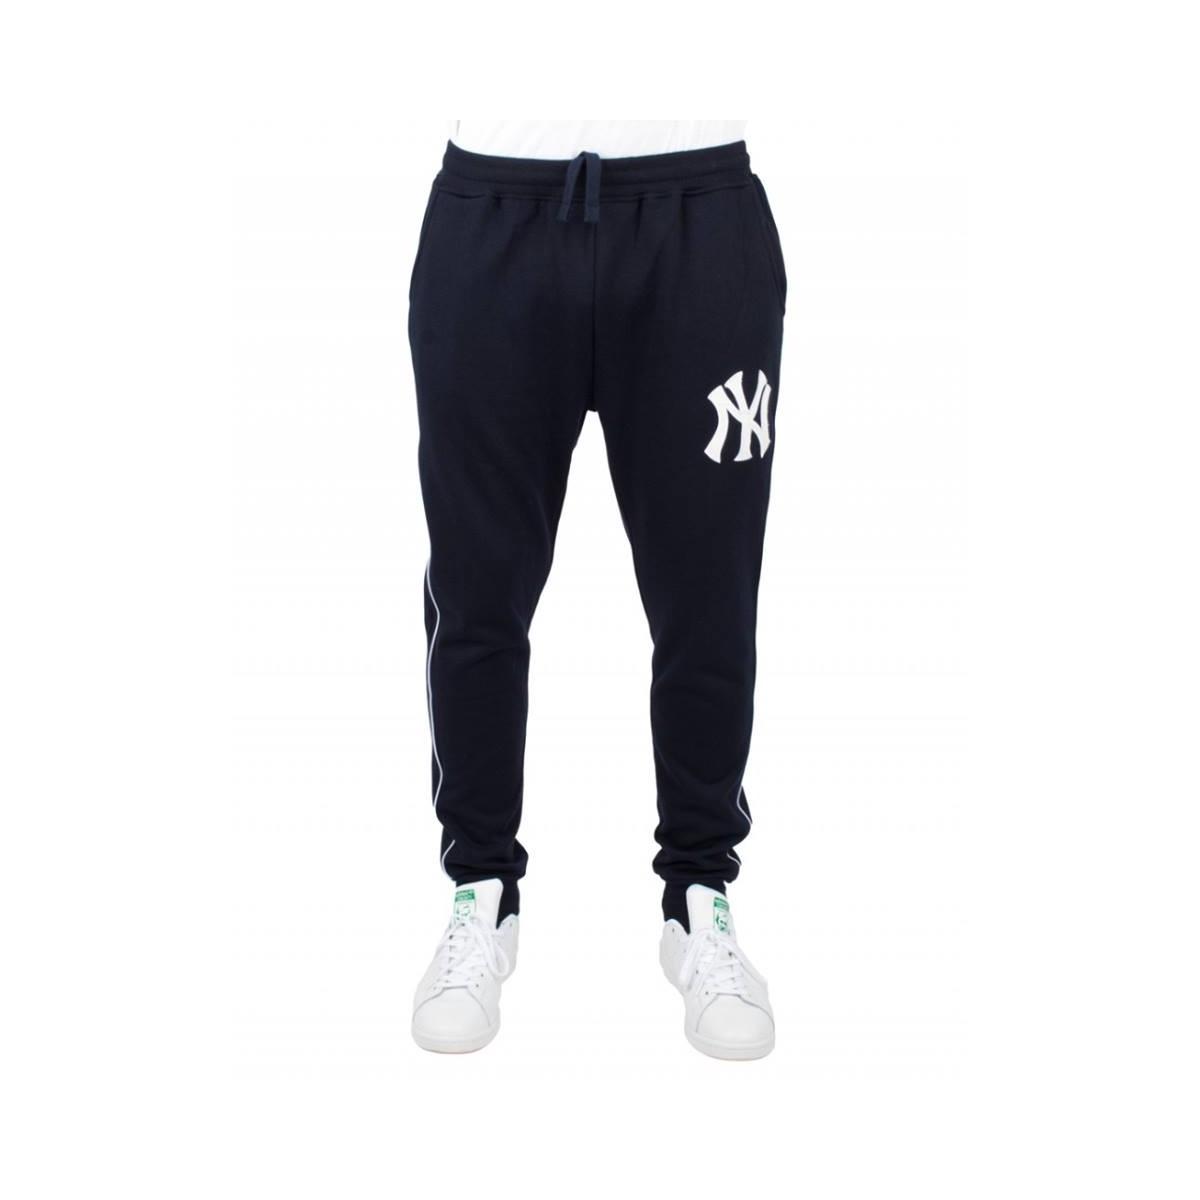 Yankees Mny3781 New Pantaloni Majestic York Blu Baseball Pantalone XOukZiTPw